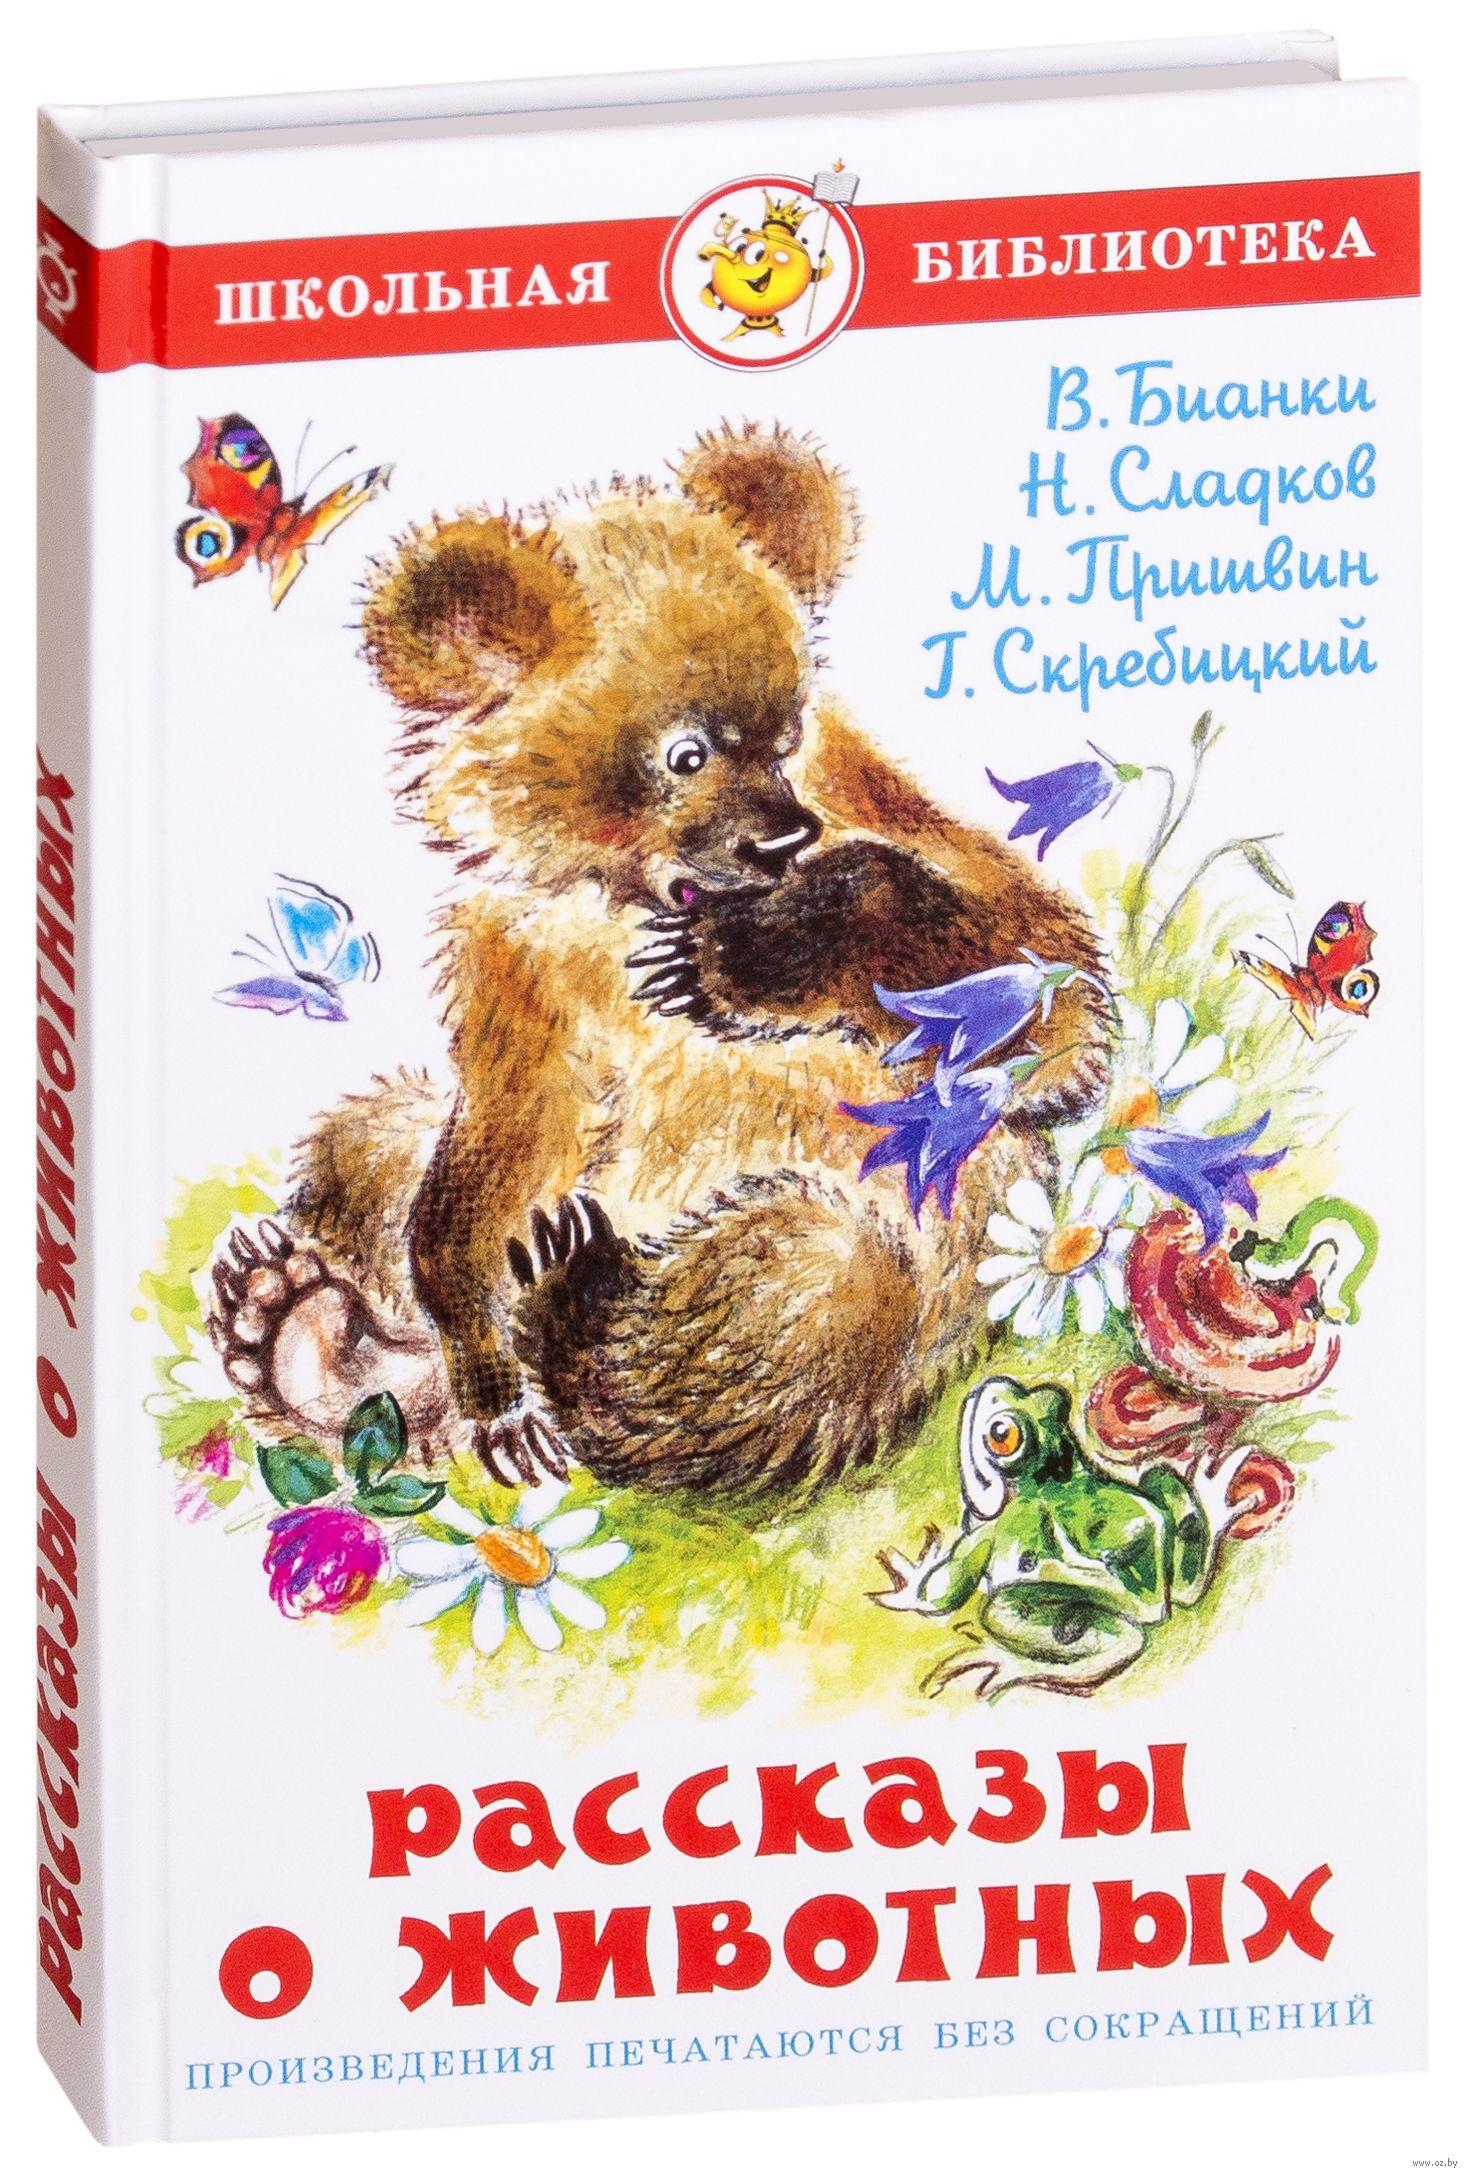 Книги с рассказами о животных с авторами список структурных формул